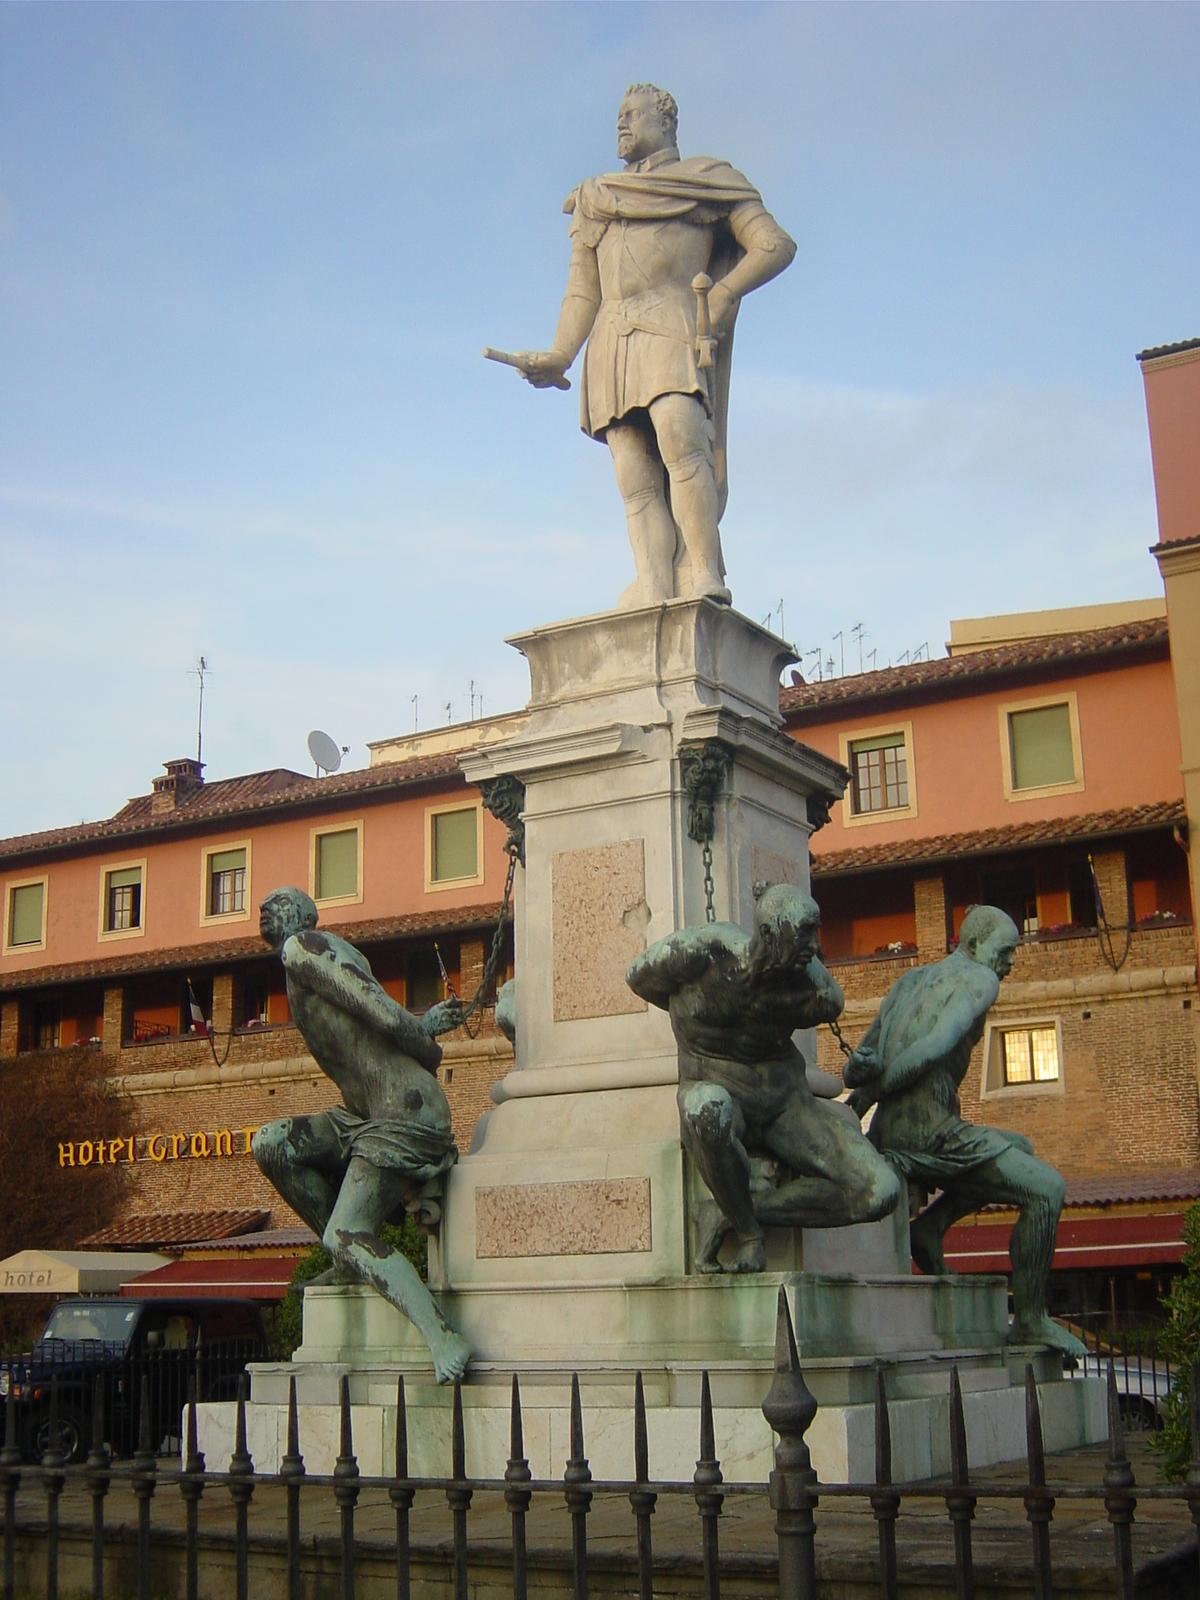 IMAGES DE L'ESCLAVAGE ET DE LA TRAITE NEGRIERE Livorno%2C_Monumento_dei_quattro_mori_a_Ferdinando_II_%281626%29_-_Foto_Giovanni_Dall%27Orto%2C_13-4-2006_01